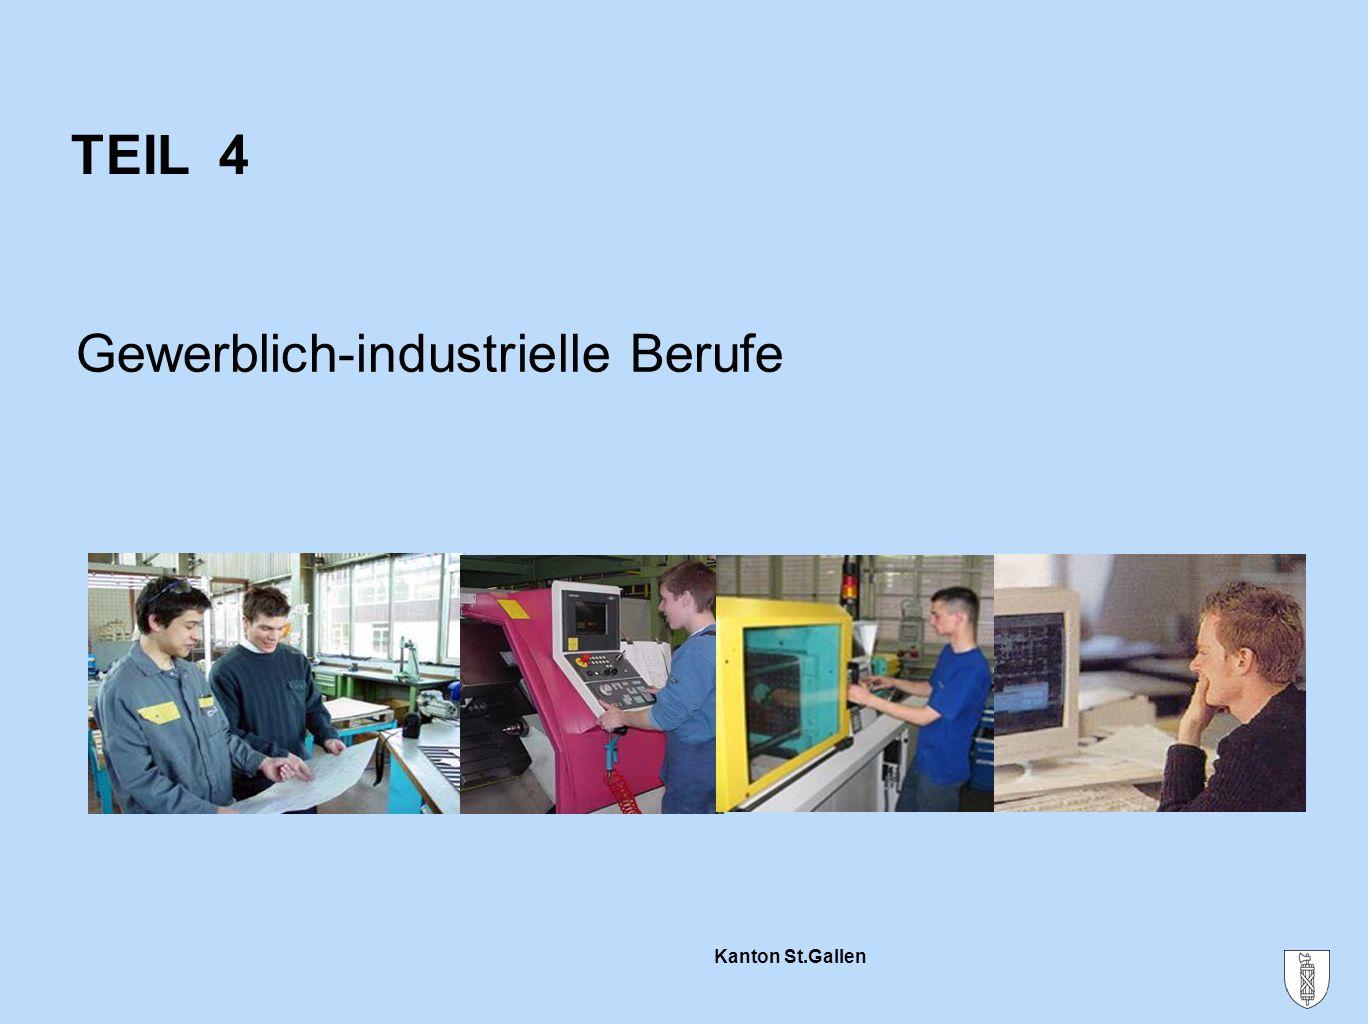 TEIL 4 Gewerblich-industrielle Berufe